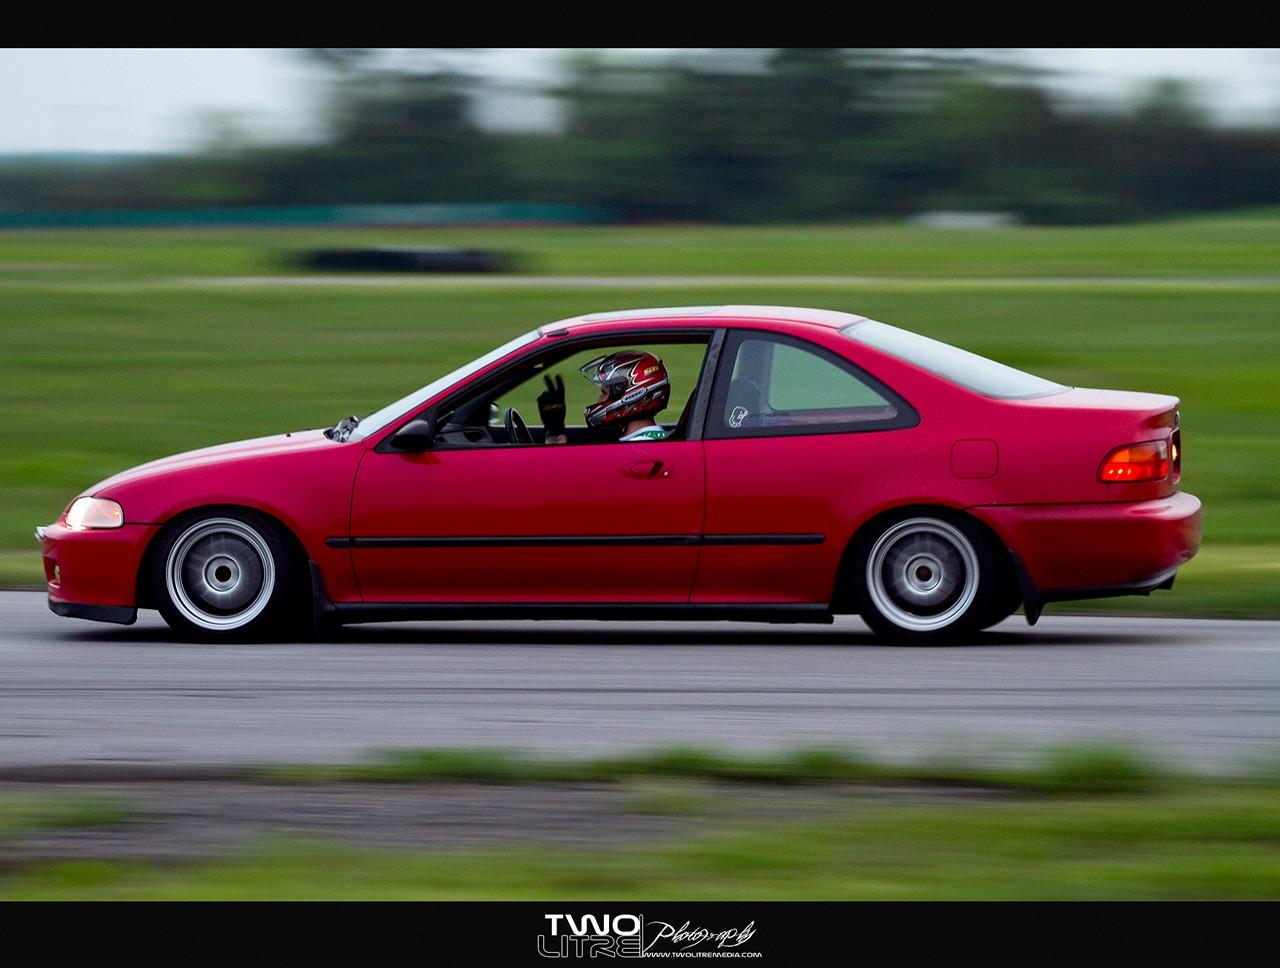 日本車, チューニングカー, ホンダ, Honda civic coupe, VTEC, D15, B16, kultowy, piękny, japoński samochód, sportowy, usportowiony, JDM, tuning, modified, tuned, 5, V, piąta generacja